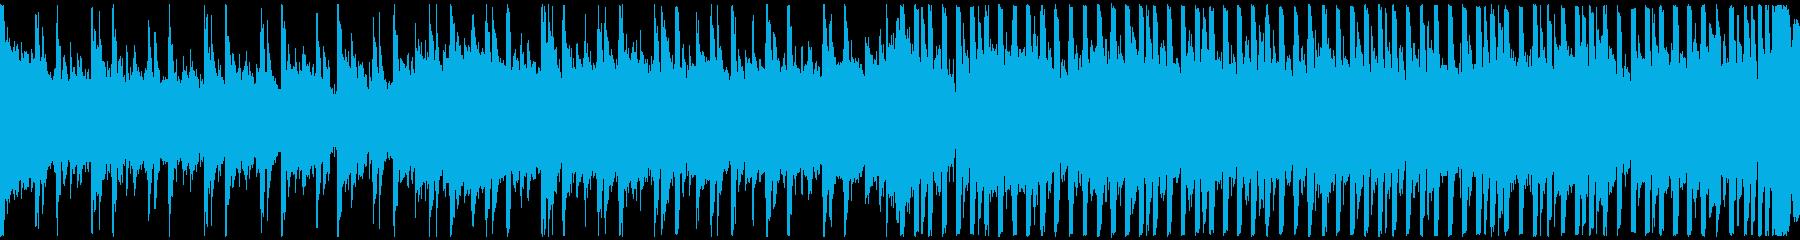 企業・イベント・CM用、爽やか、短ループの再生済みの波形